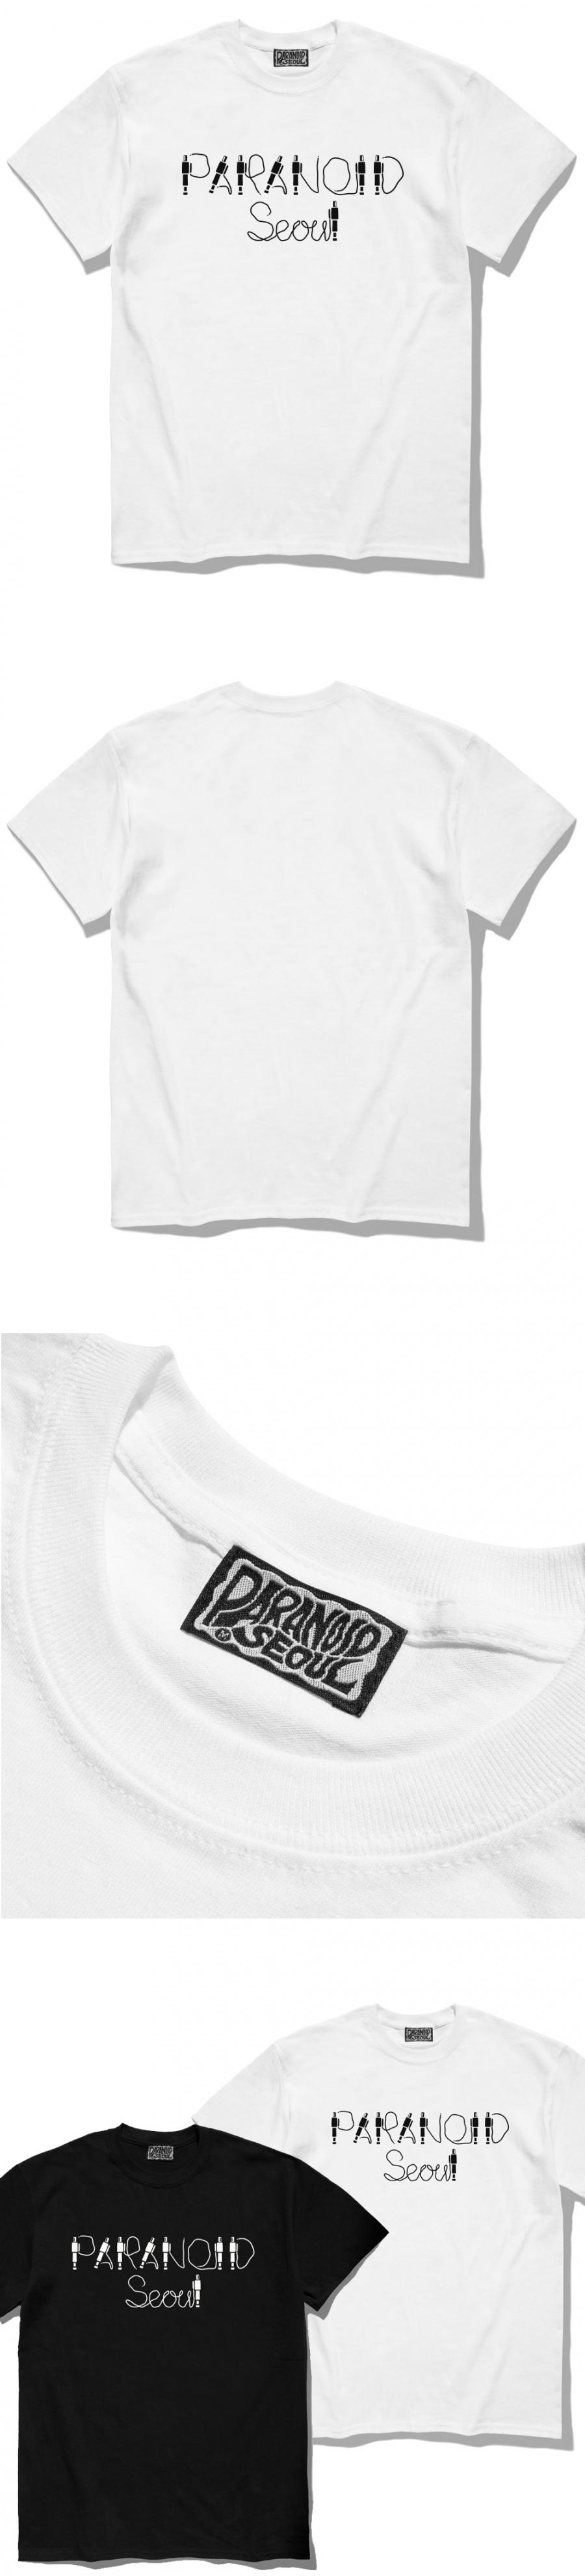 파라노이드(PARANOID) 일렉트릭 로고 티셔츠 화이트